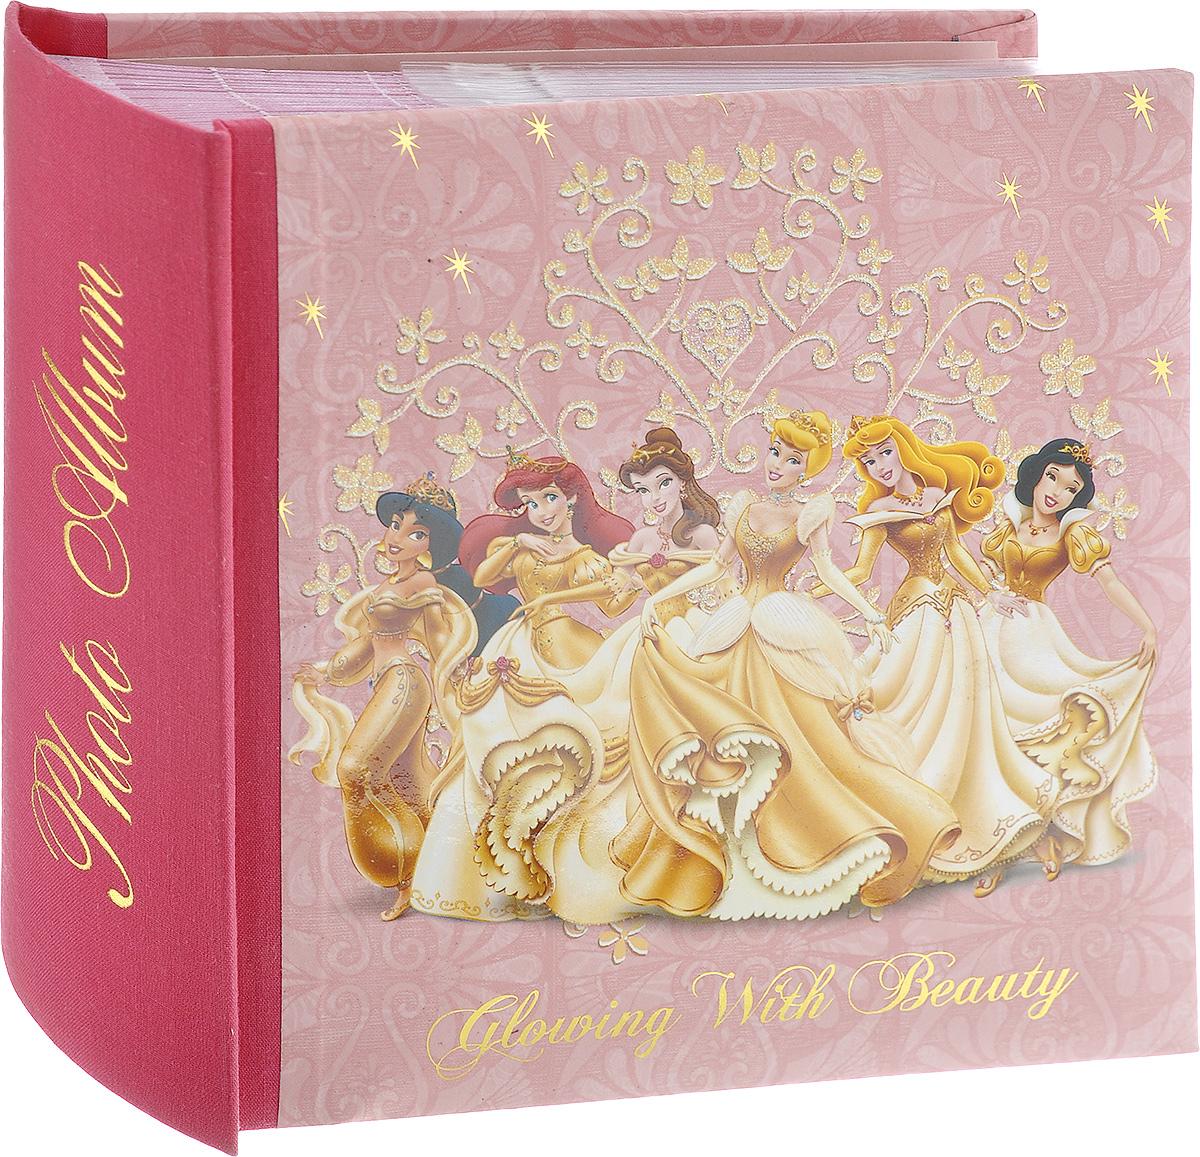 Фотоальбом Pioneer Gold Princess, 100 фотографий, 10 х 15 см 1120011200_розовыйФотоальбом Pioneer Gold Princess поможет красиво оформить ваши фотографии. Обложка, выполненная из толстого картона, оформлена изображением героев из известных мультфильмов. Внутри содержится блок из 50 листов с фиксаторами-окошками из полипропилена. Альбом рассчитан на 100 фотографий формата 10 см х 15 см (по 1 фотографии на странице). Переплет - книжный. Нам всегда так приятно вспоминать о самых счастливых моментах жизни, запечатленных на фотографиях. Поэтому фотоальбом является универсальным подарком к любому празднику. Количество листов: 50.